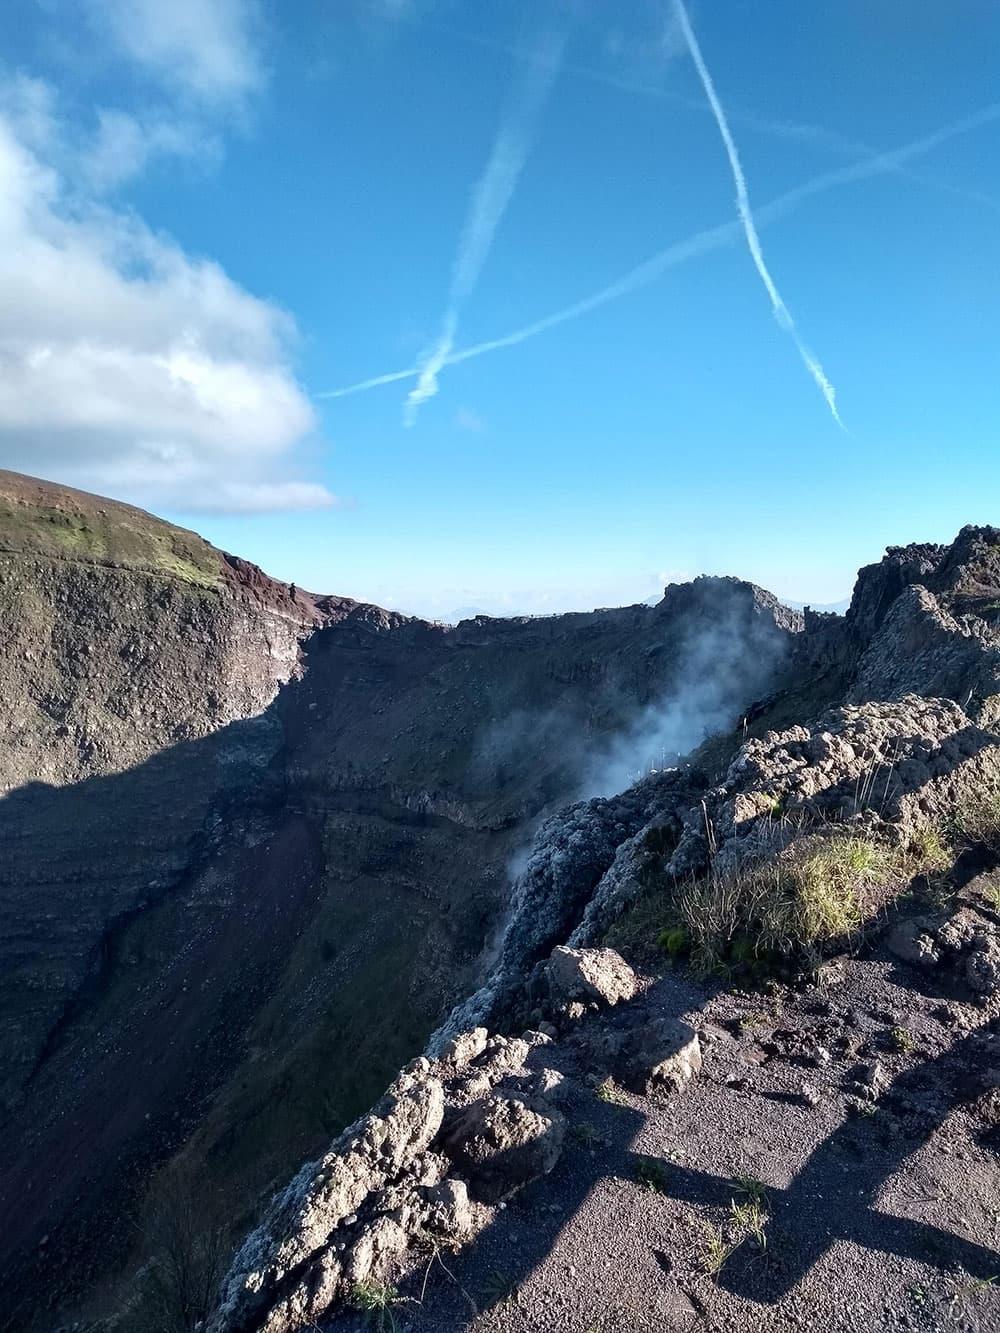 Mount Vesuvius's crater spewing sulphur gases